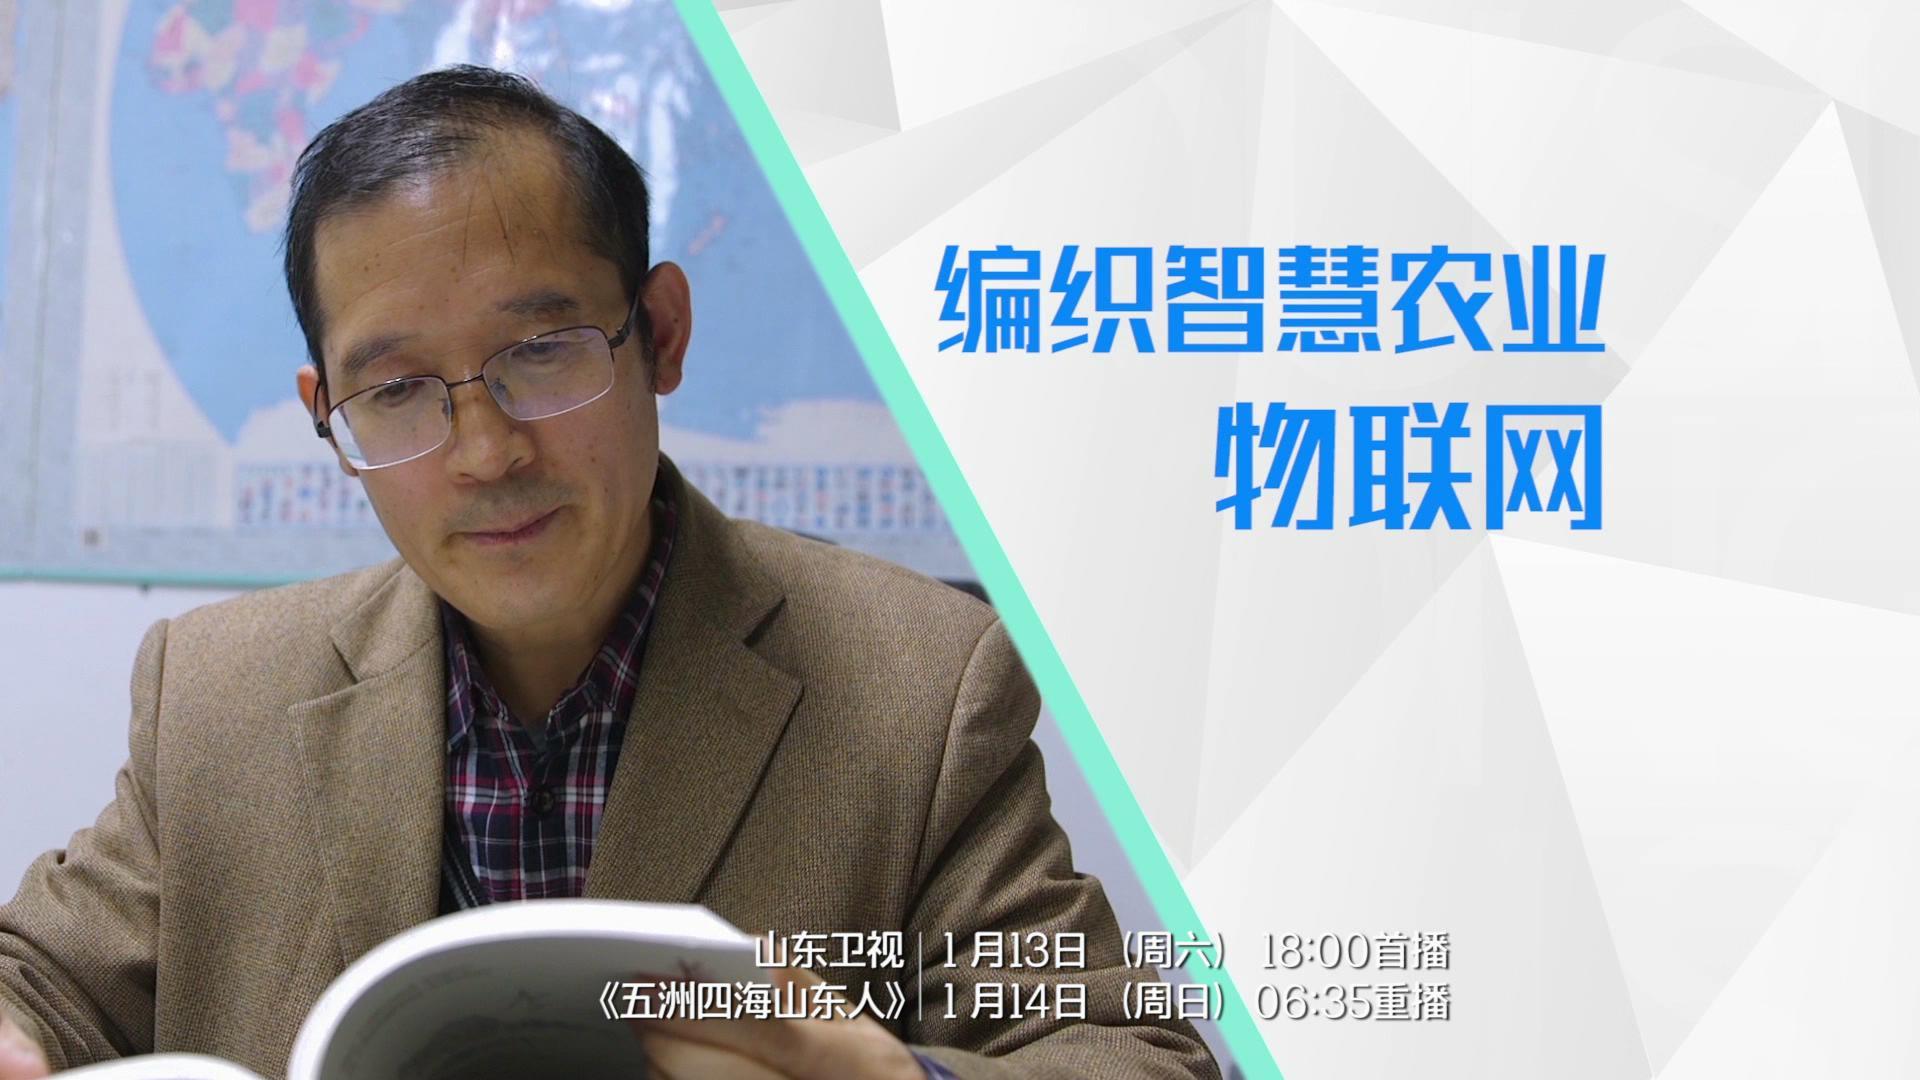 山东卫视明日播出纪录片《李道亮:编织智慧农业物联网》